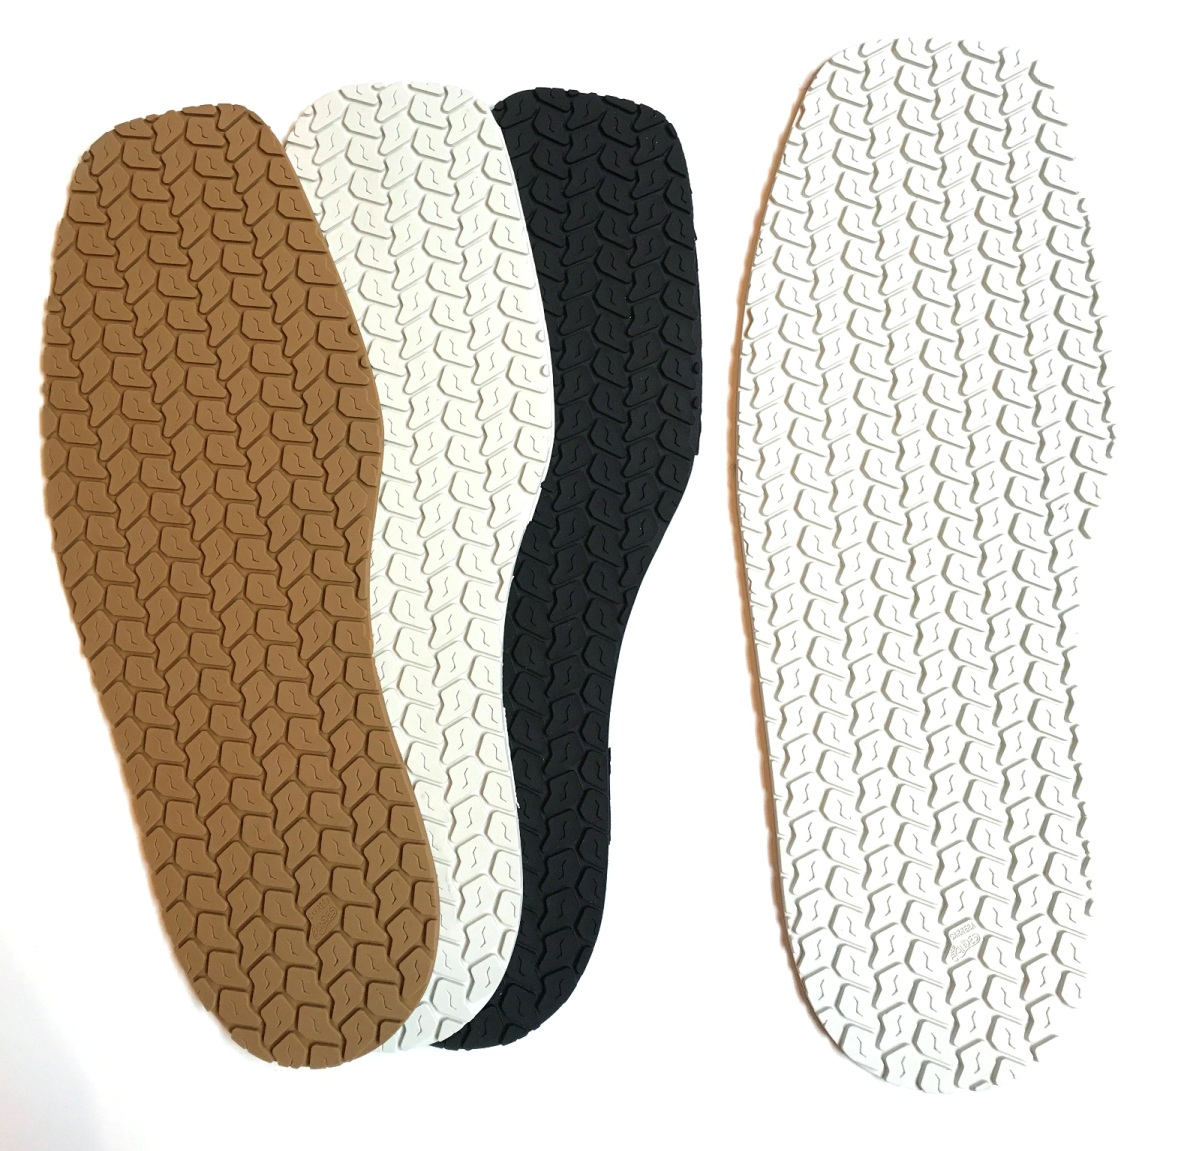 eefd593722f2ae Suole per scarpe - VIBRAM vendita ONLINE - Carluccio   Co. cuoio ...